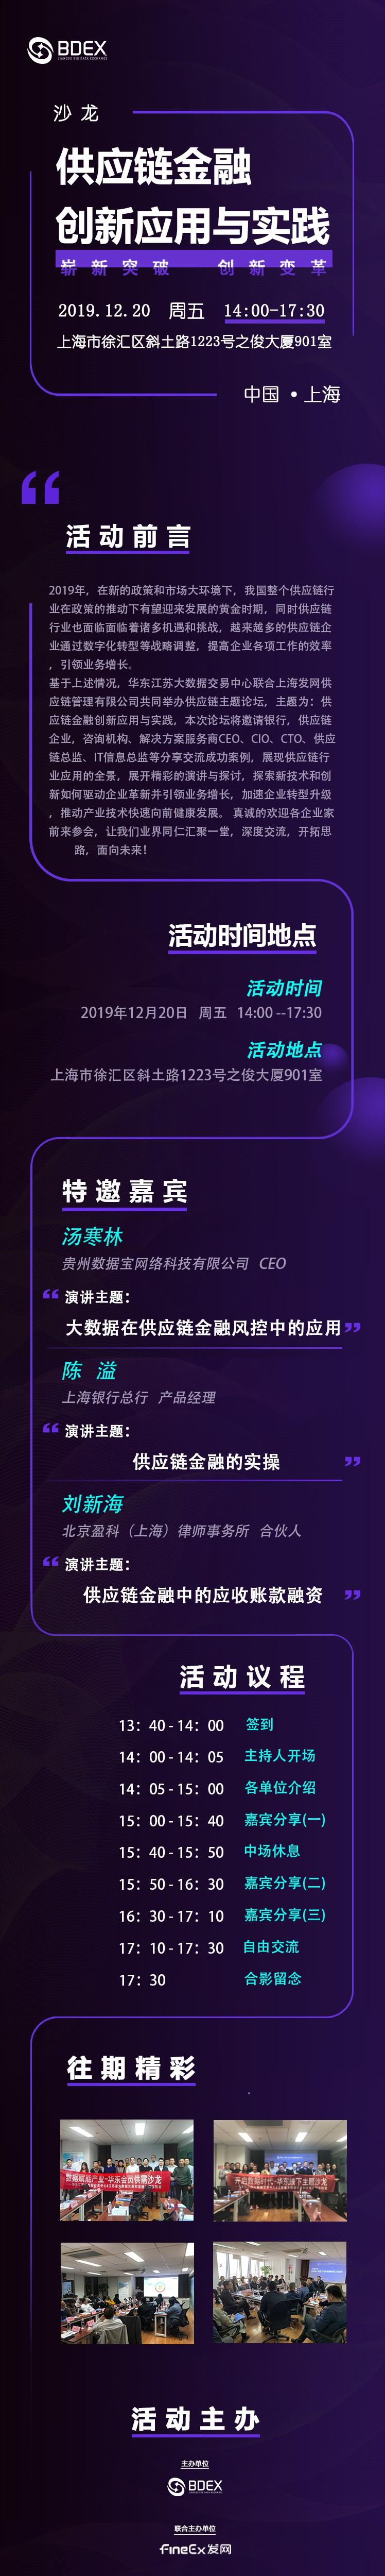 (限額)商務沙龍 | 供應鏈金融創新應用與實踐(上海)